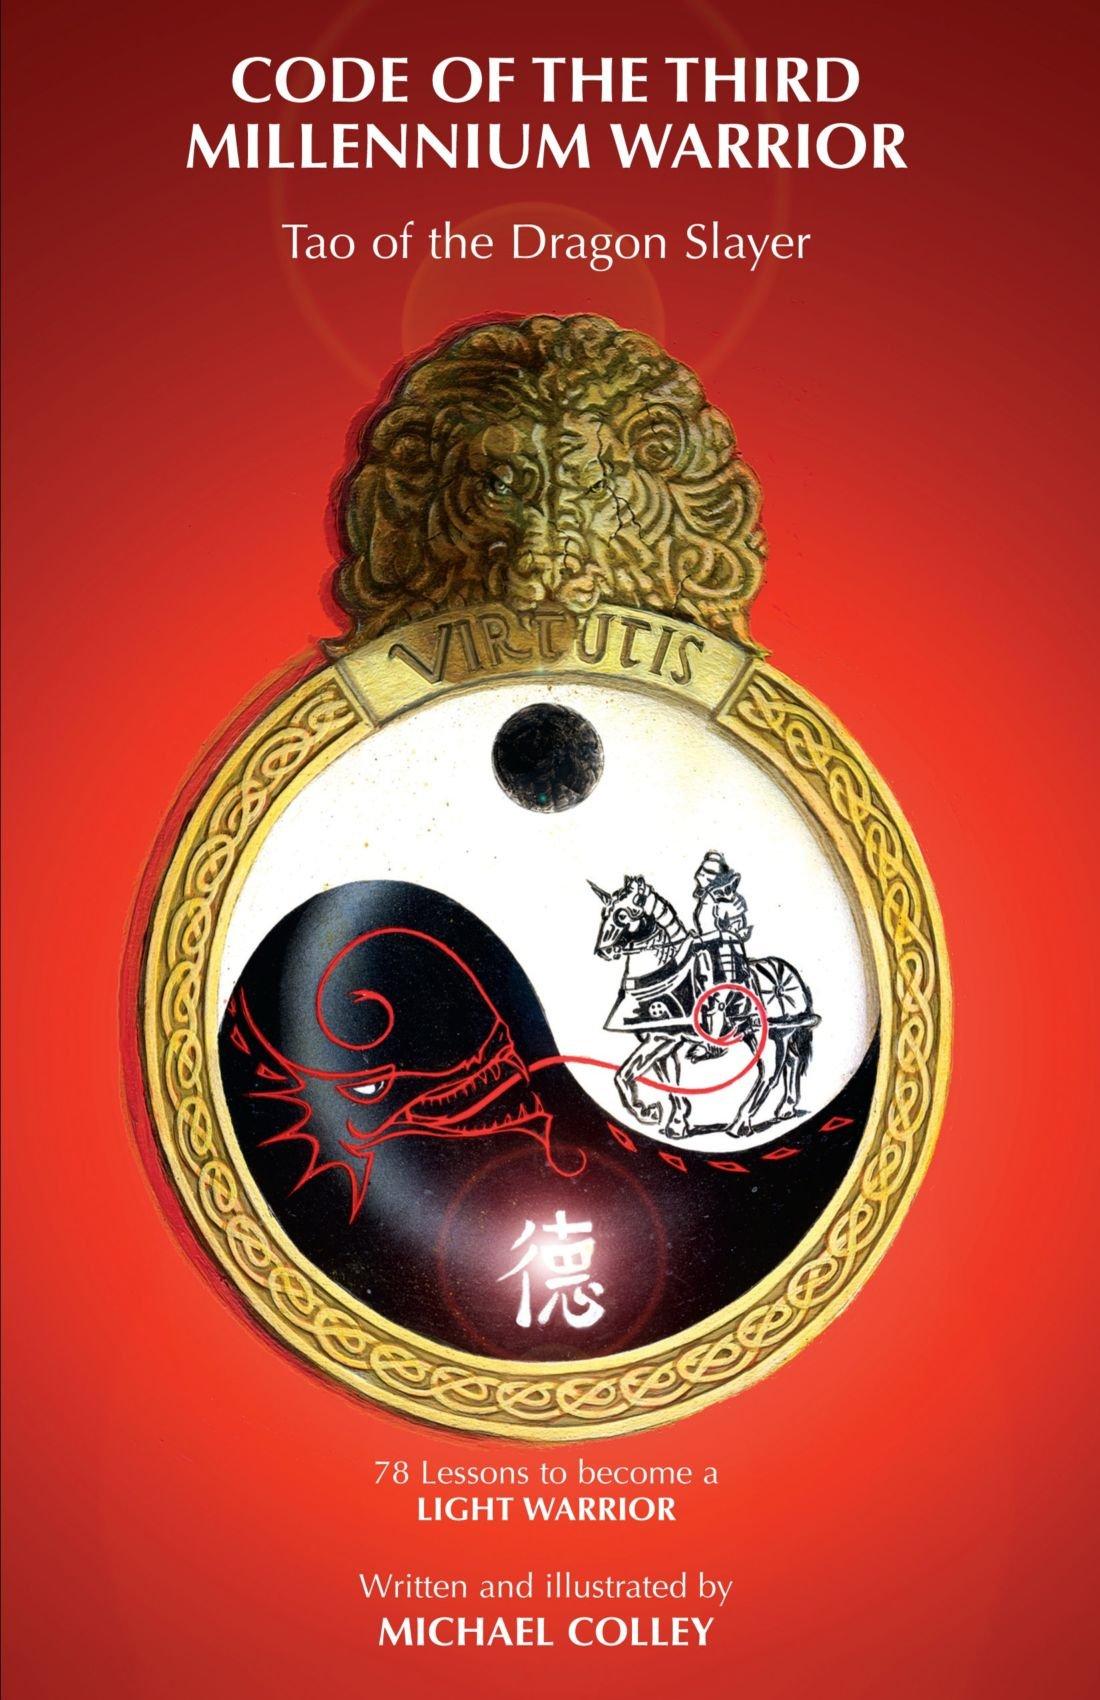 Code of The Third Millennium Warrior PDF